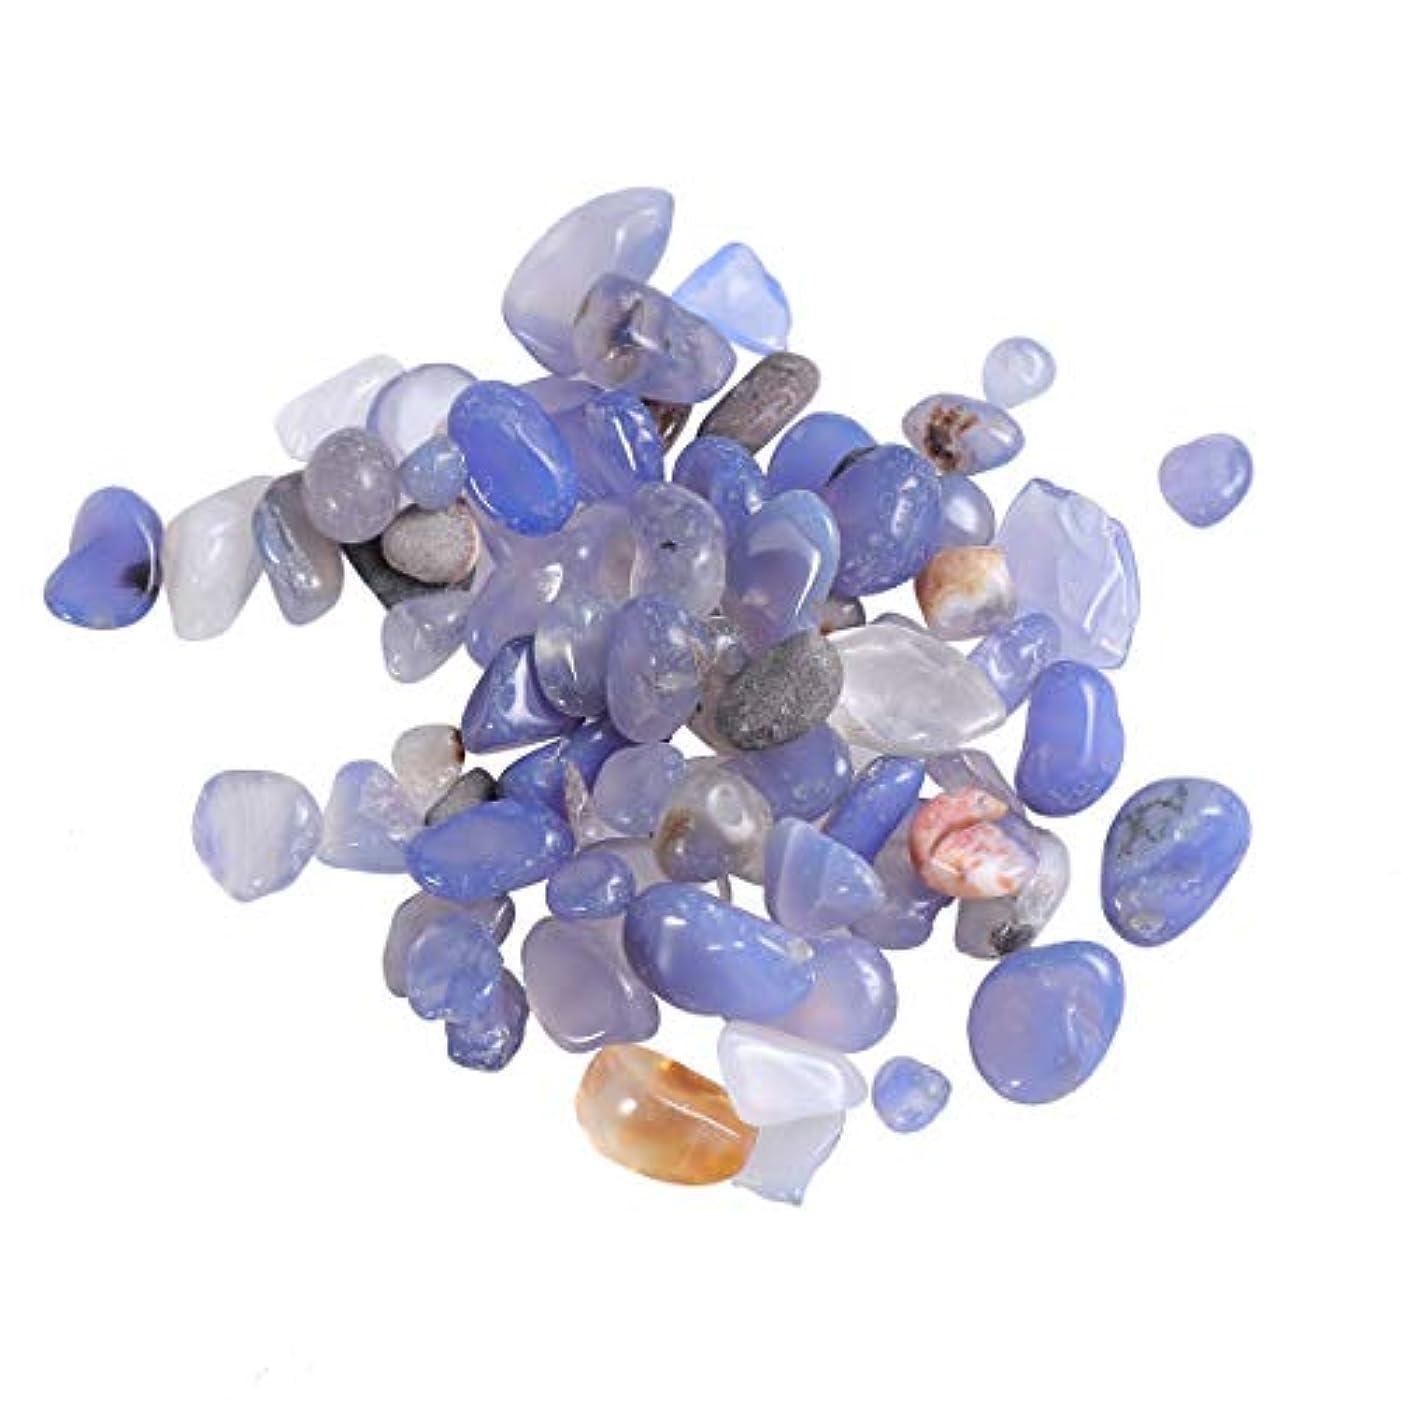 侮辱失敗お手入れVosarea 2パック自然砕いたクリスタルロック不規則な形状のヒーリングストーンズや花瓶植物サワークリームガーデン(青い瑪瑙)